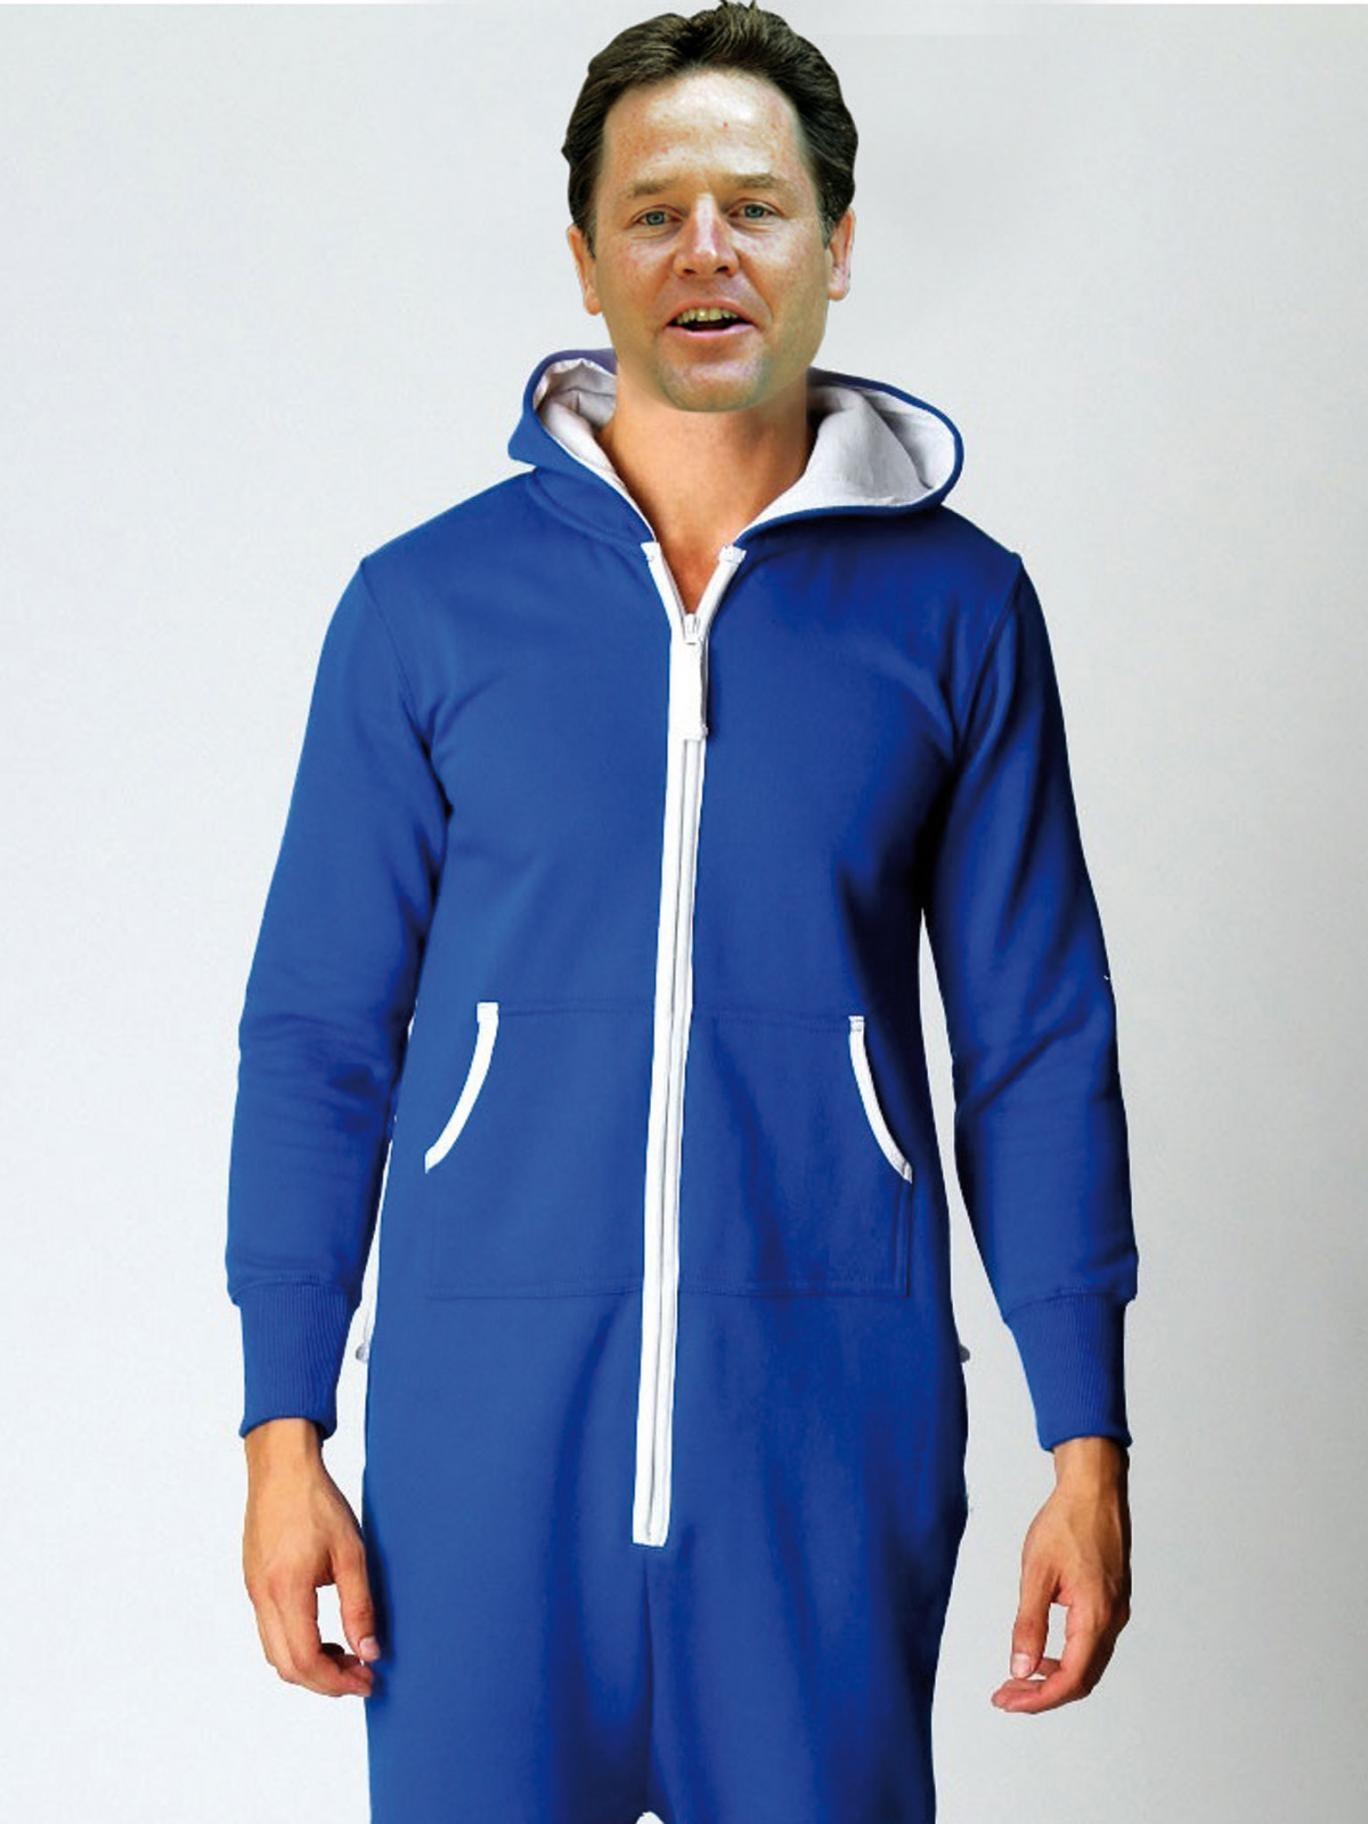 Clegg in a onesie